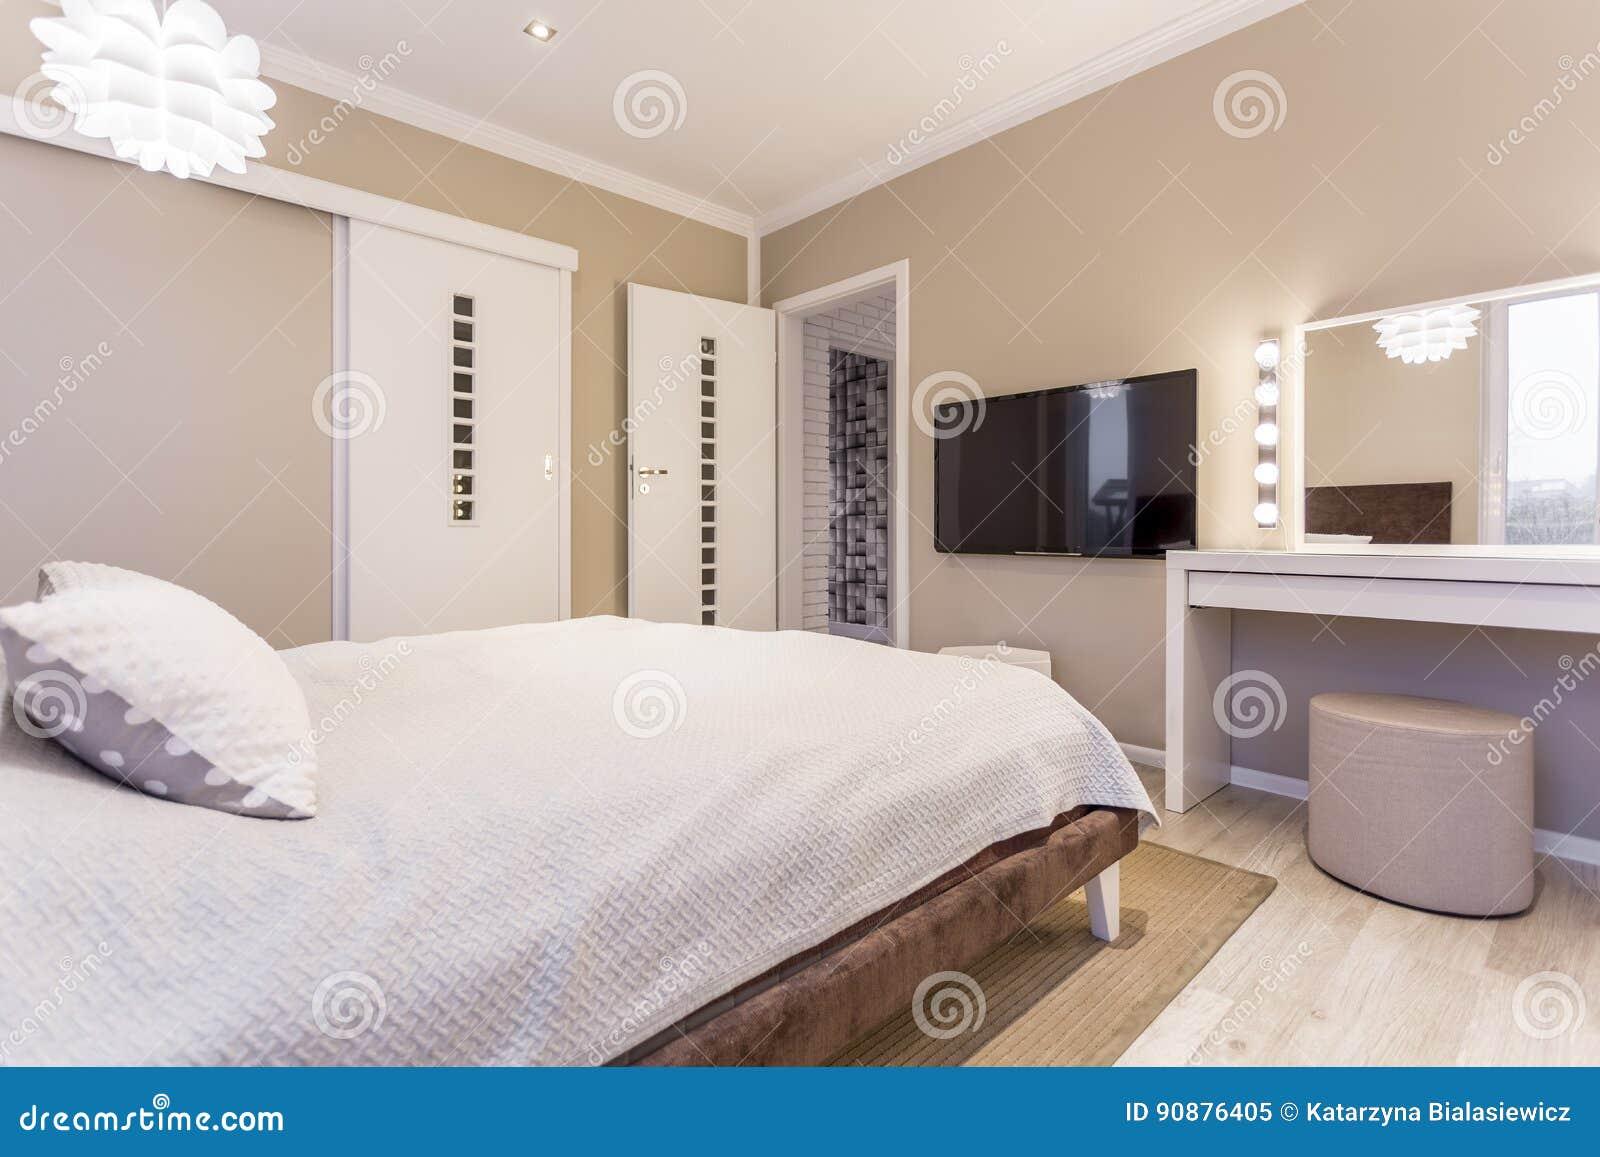 Gemütliches Beige Und Weißes Schlafzimmer Stockbild - Bild von ...